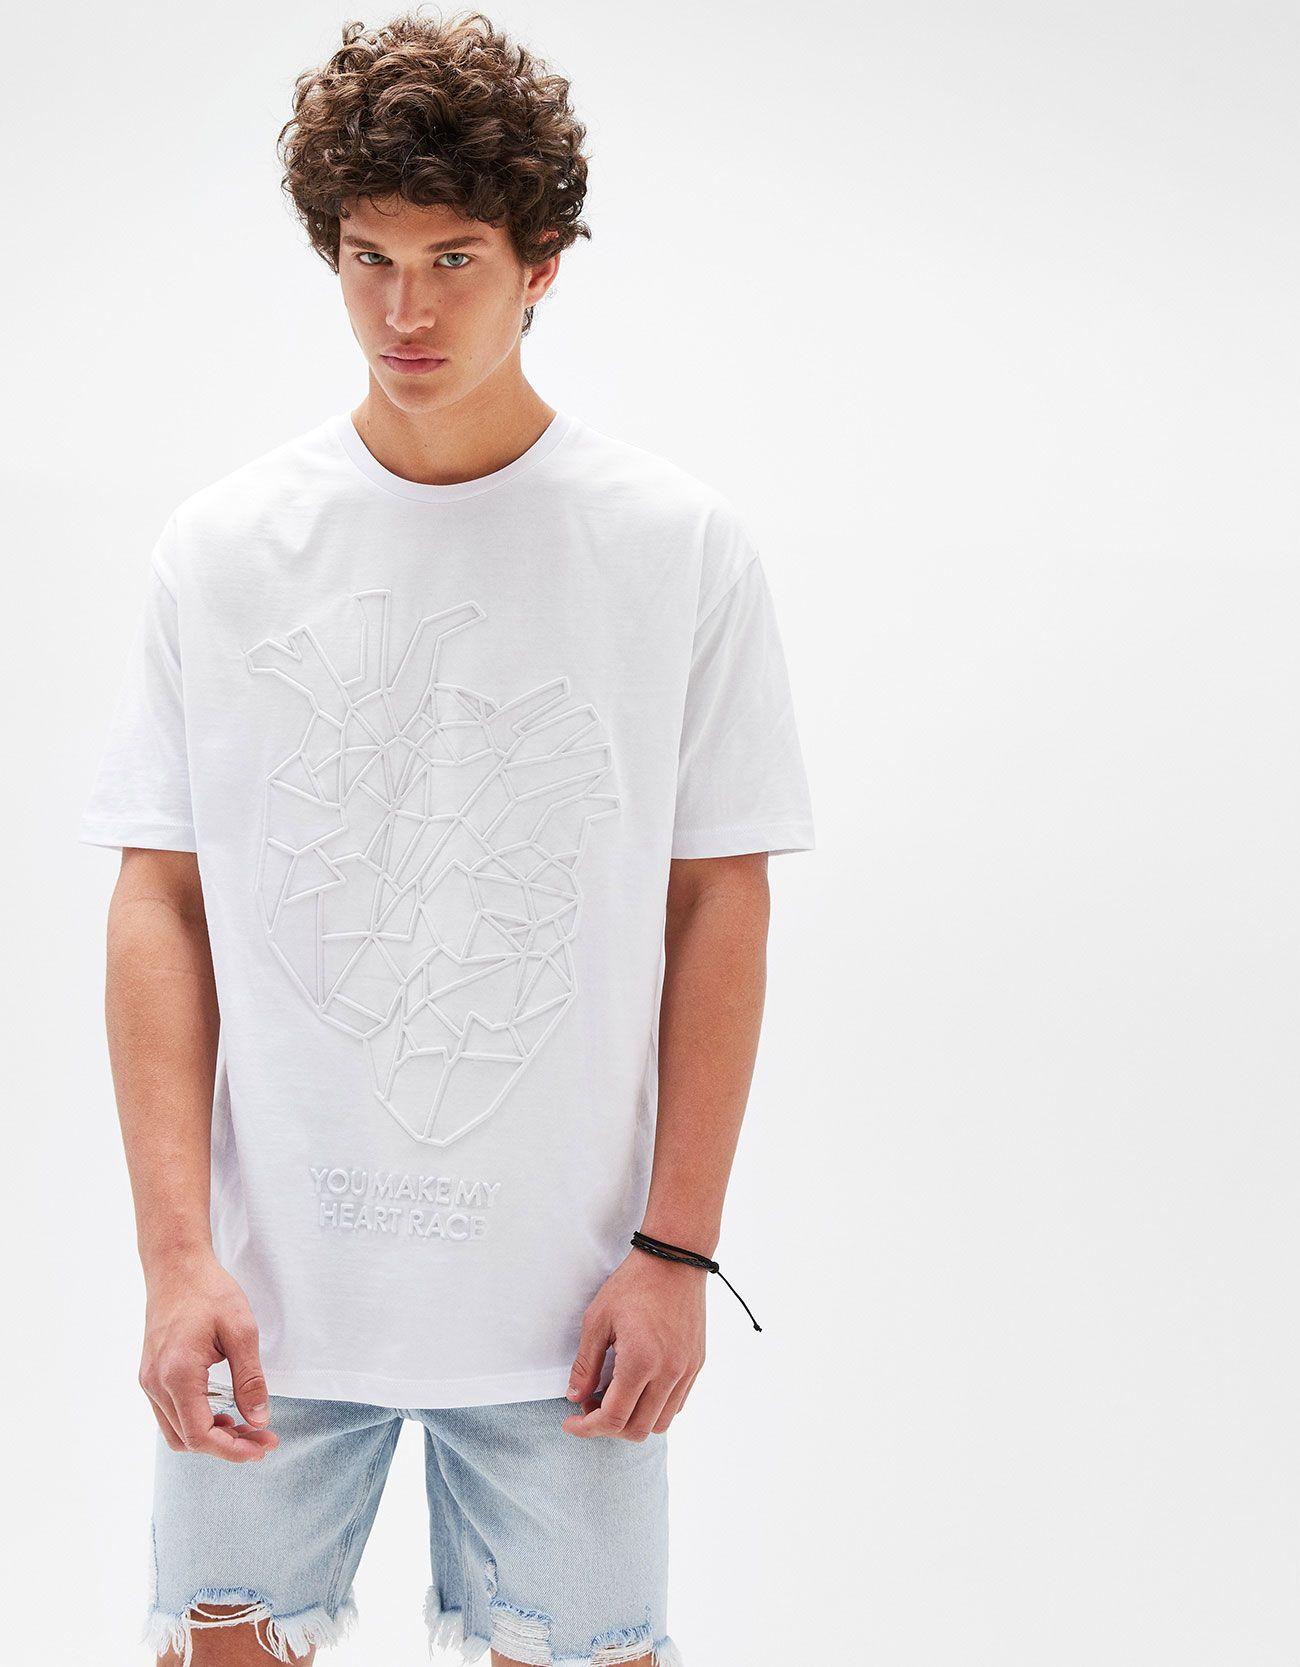 Camiseta estampado relieve Wolf/Heart. Descubre ésta y muchas otras prendas en Bershka con nuevos productos cada semana